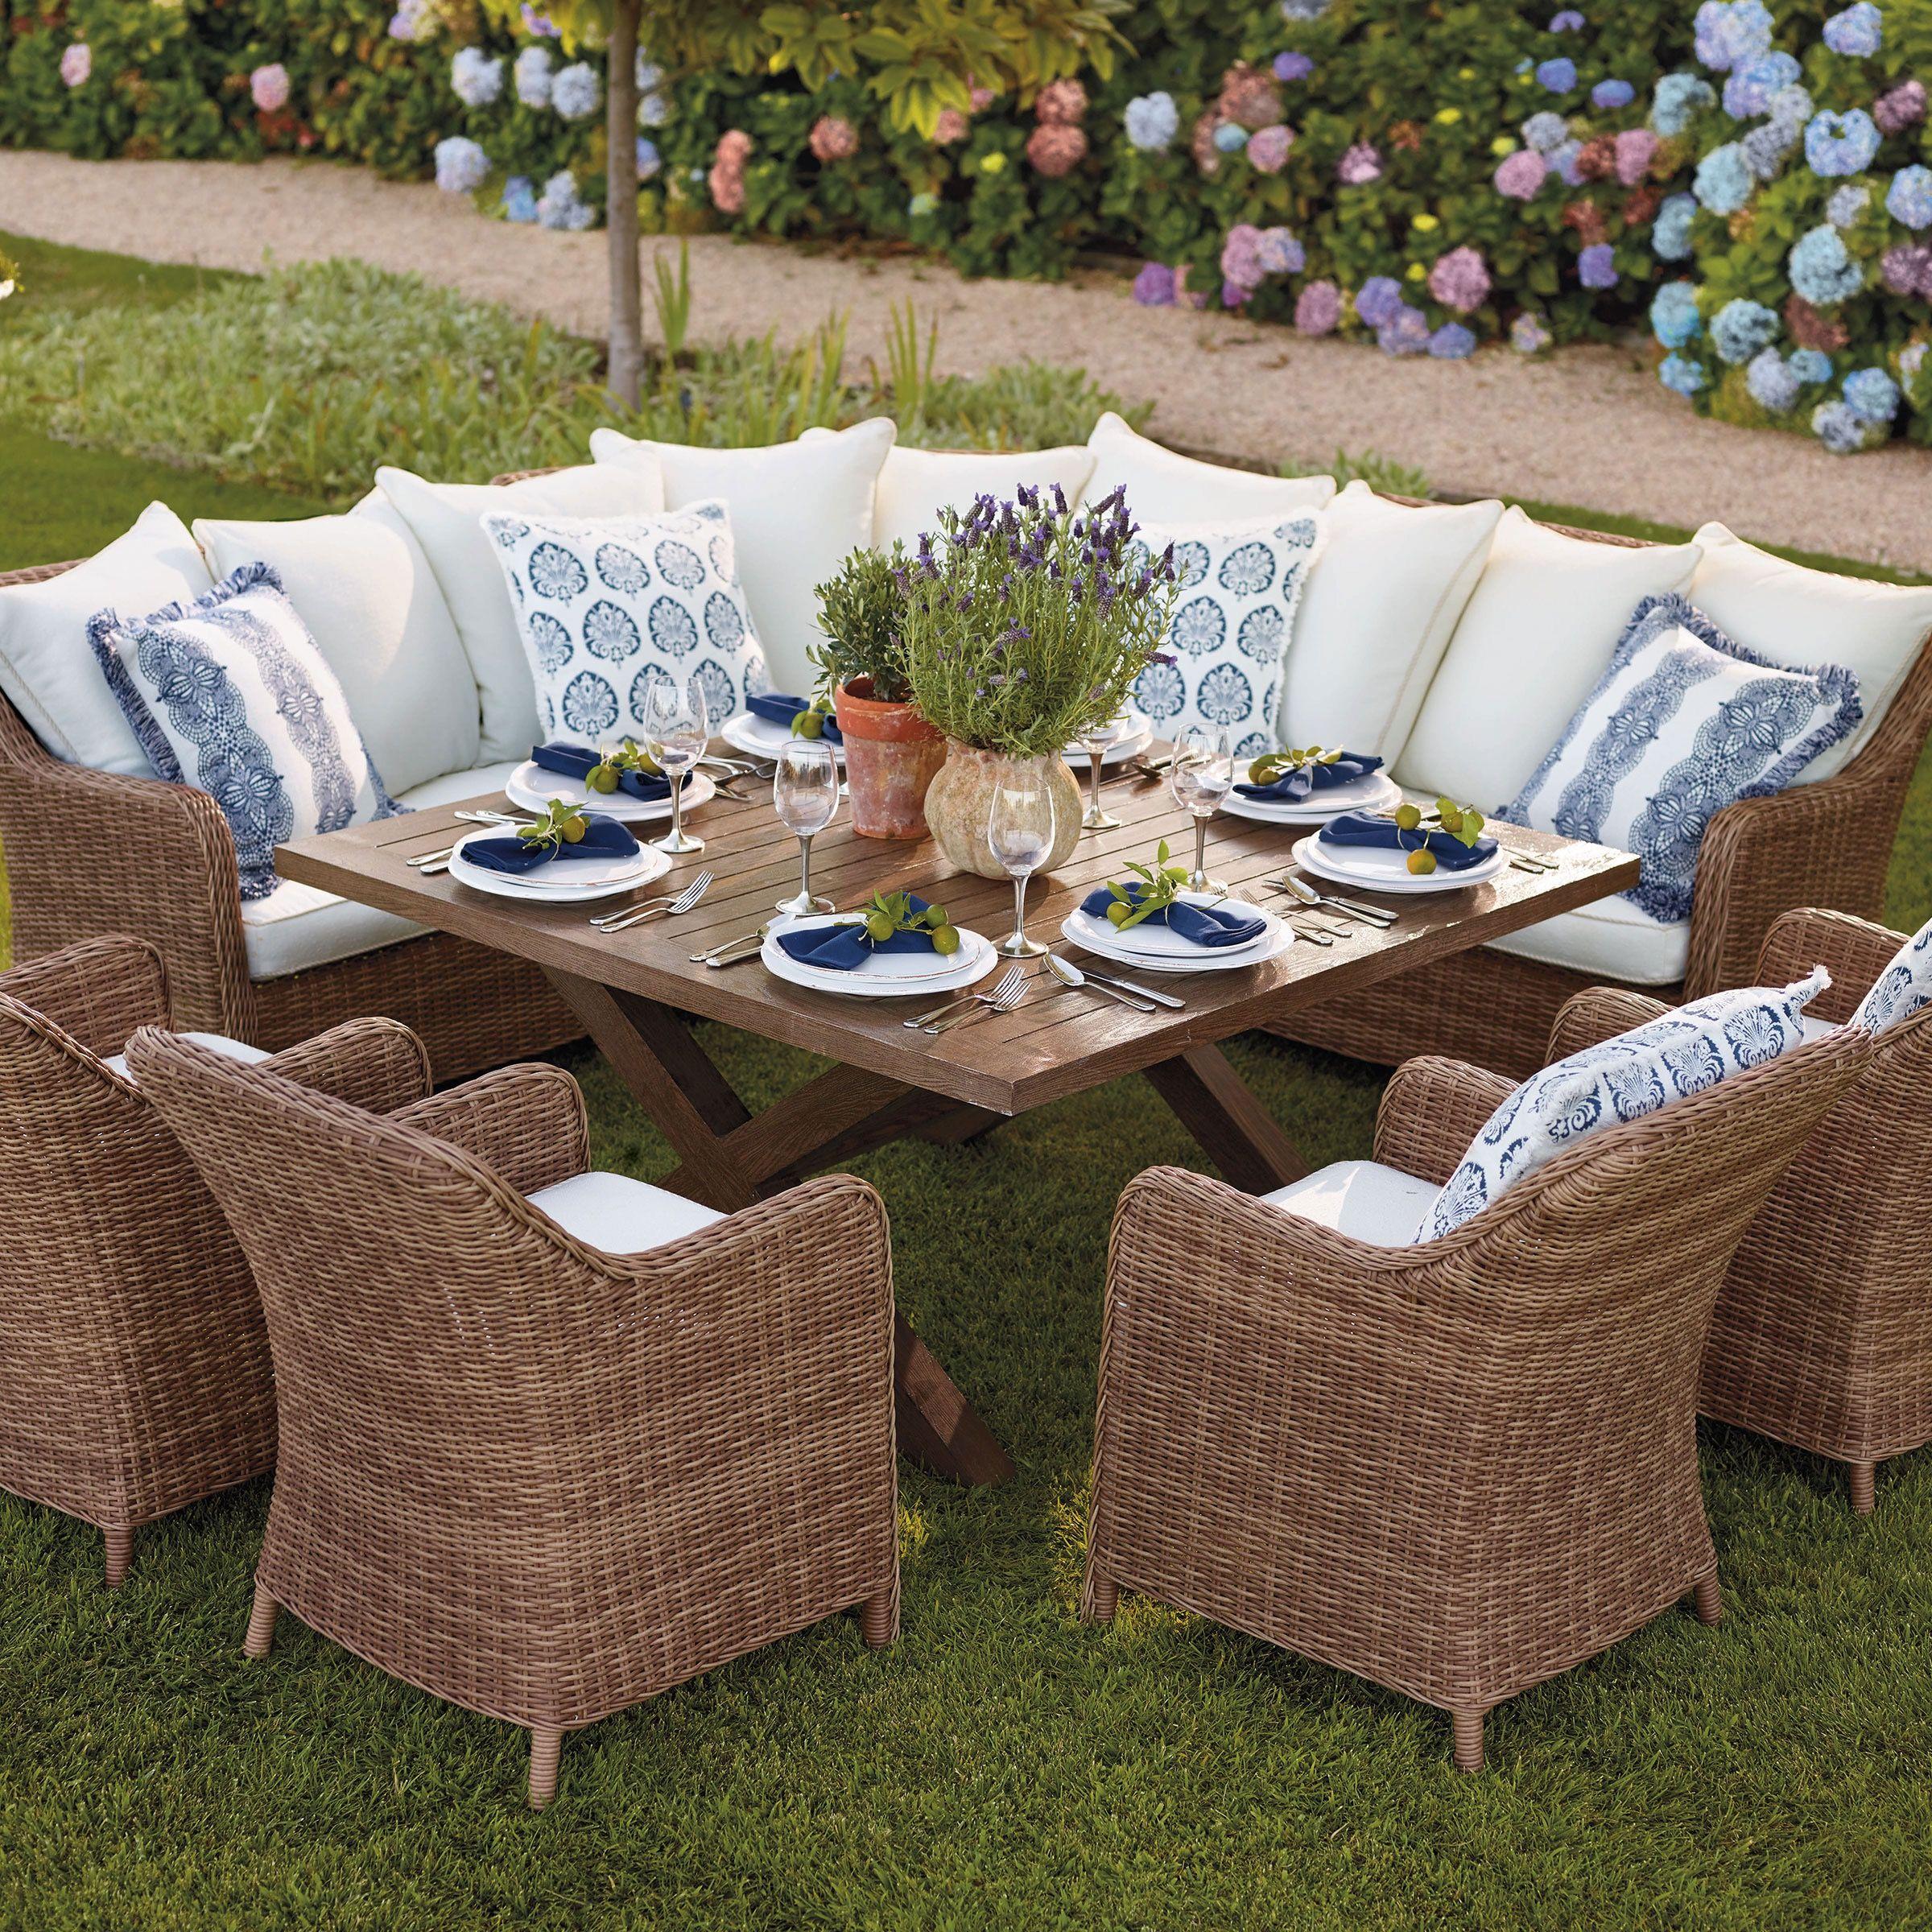 Rattan Outdoor Dinner Furniture Rustic Outdoor Furniture Outdoor Furniture Square Dining Tables